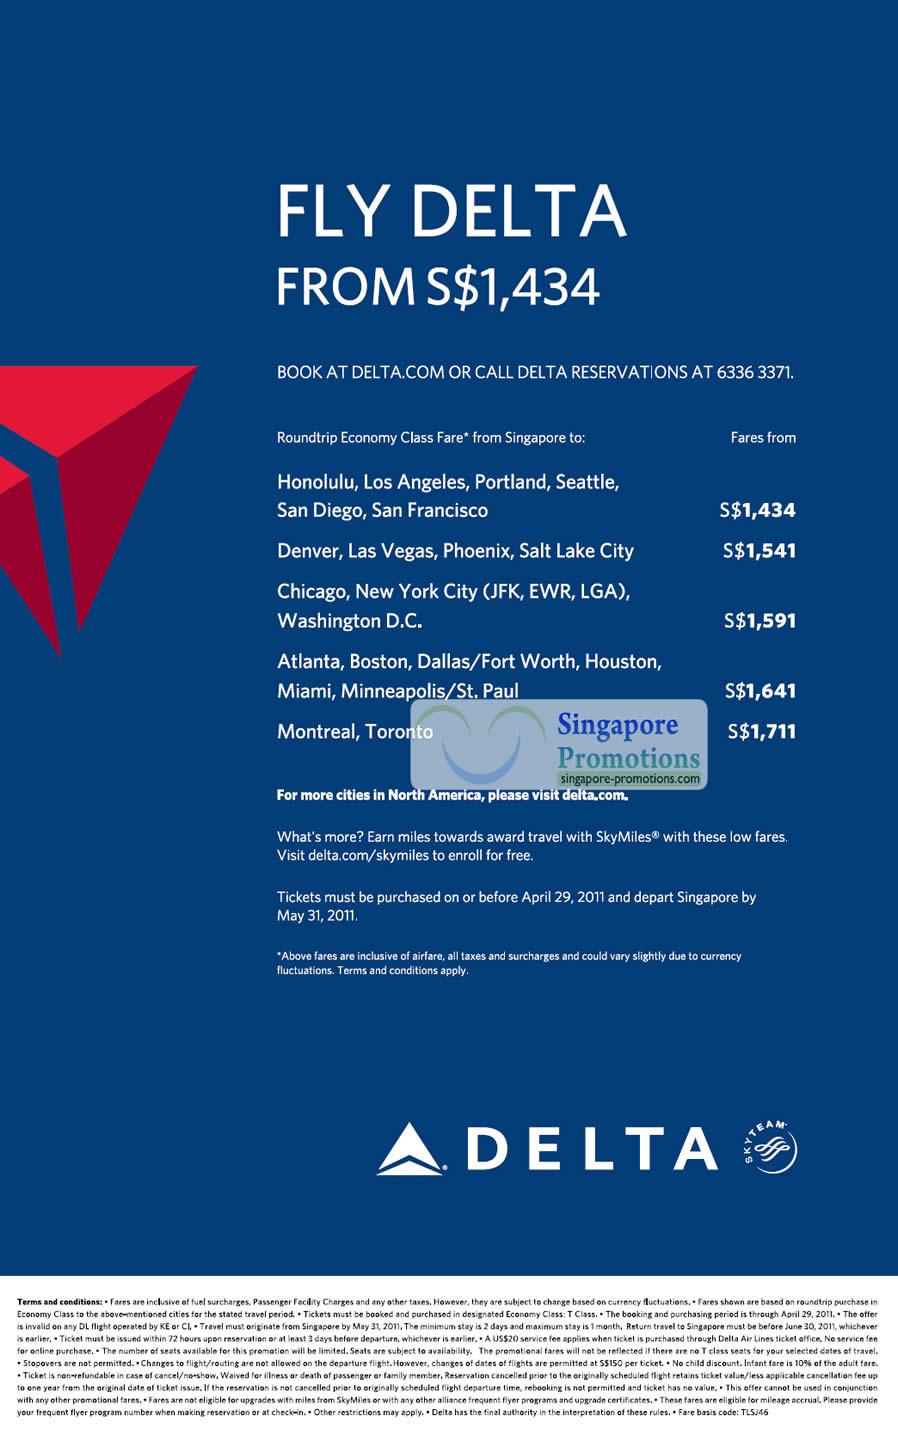 Delta Air Lines 20 Apr 2011